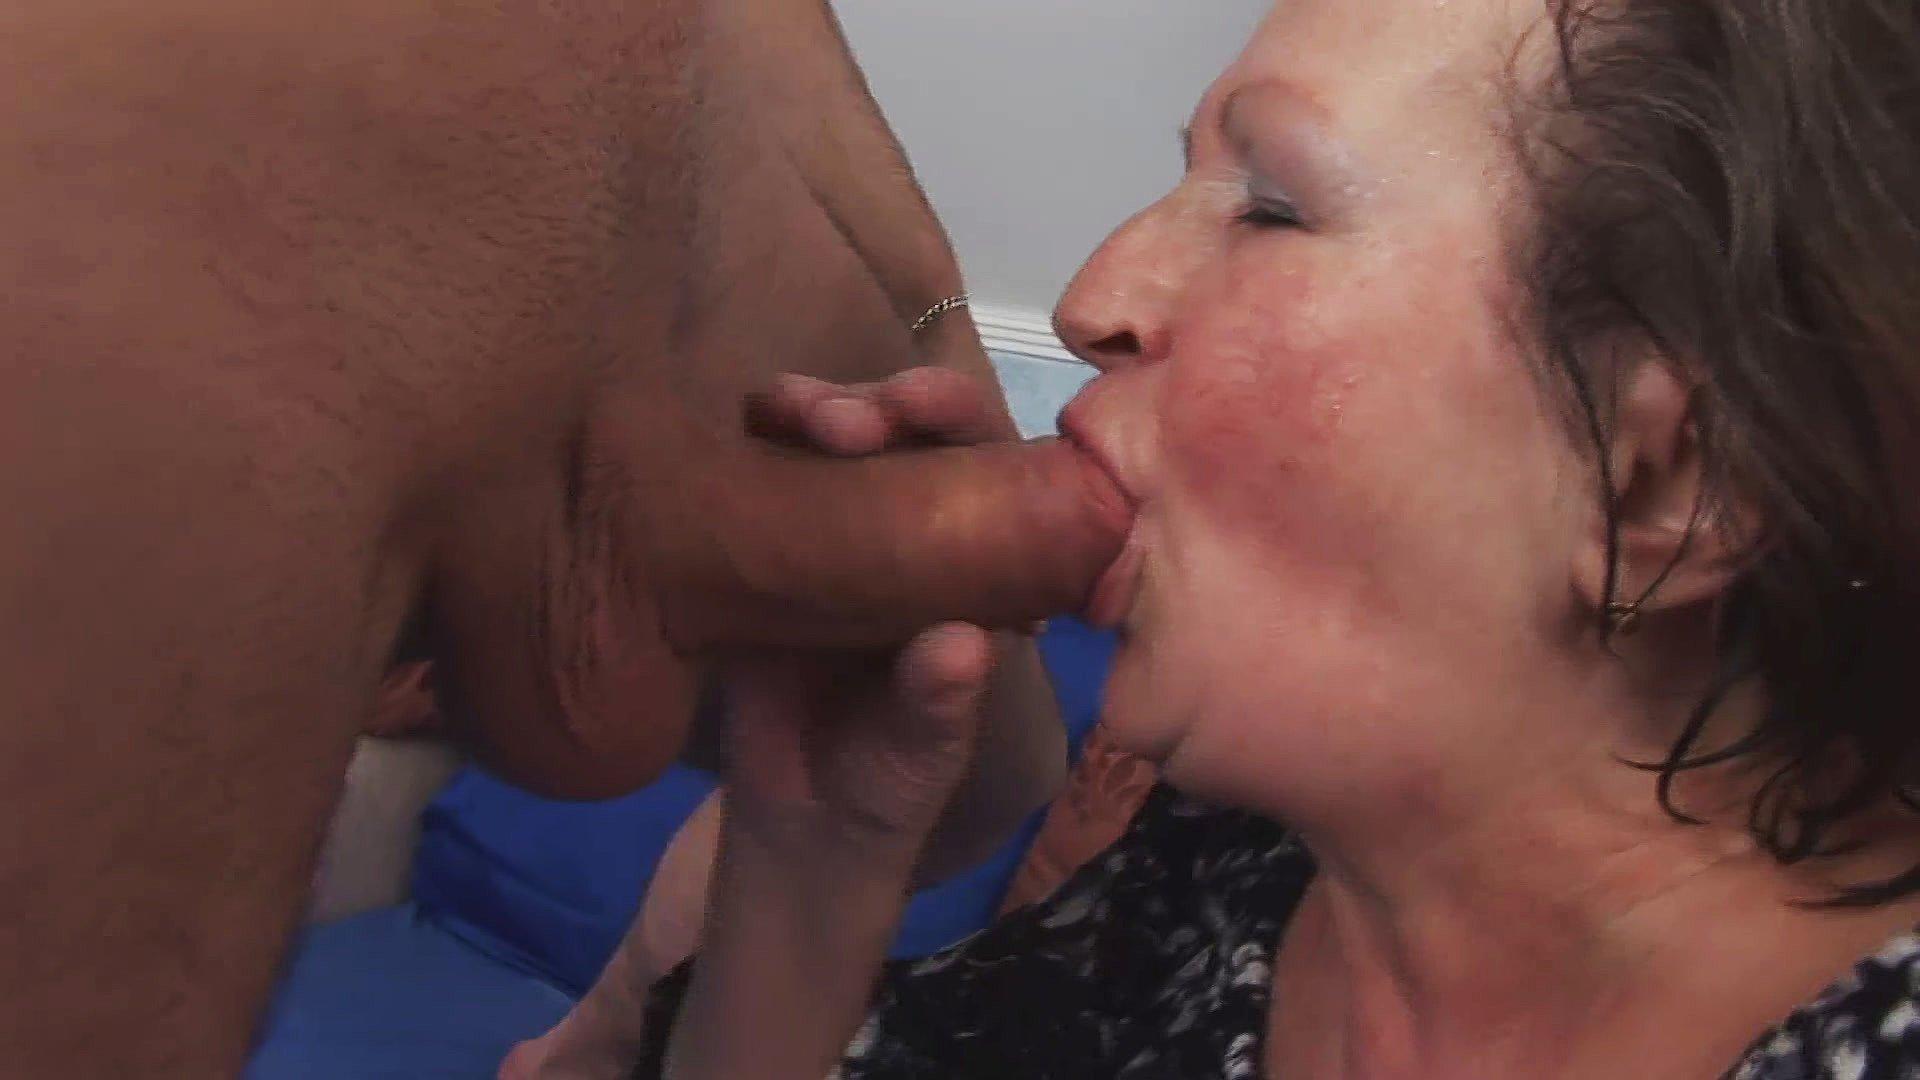 Mattoon illinois erotic massage